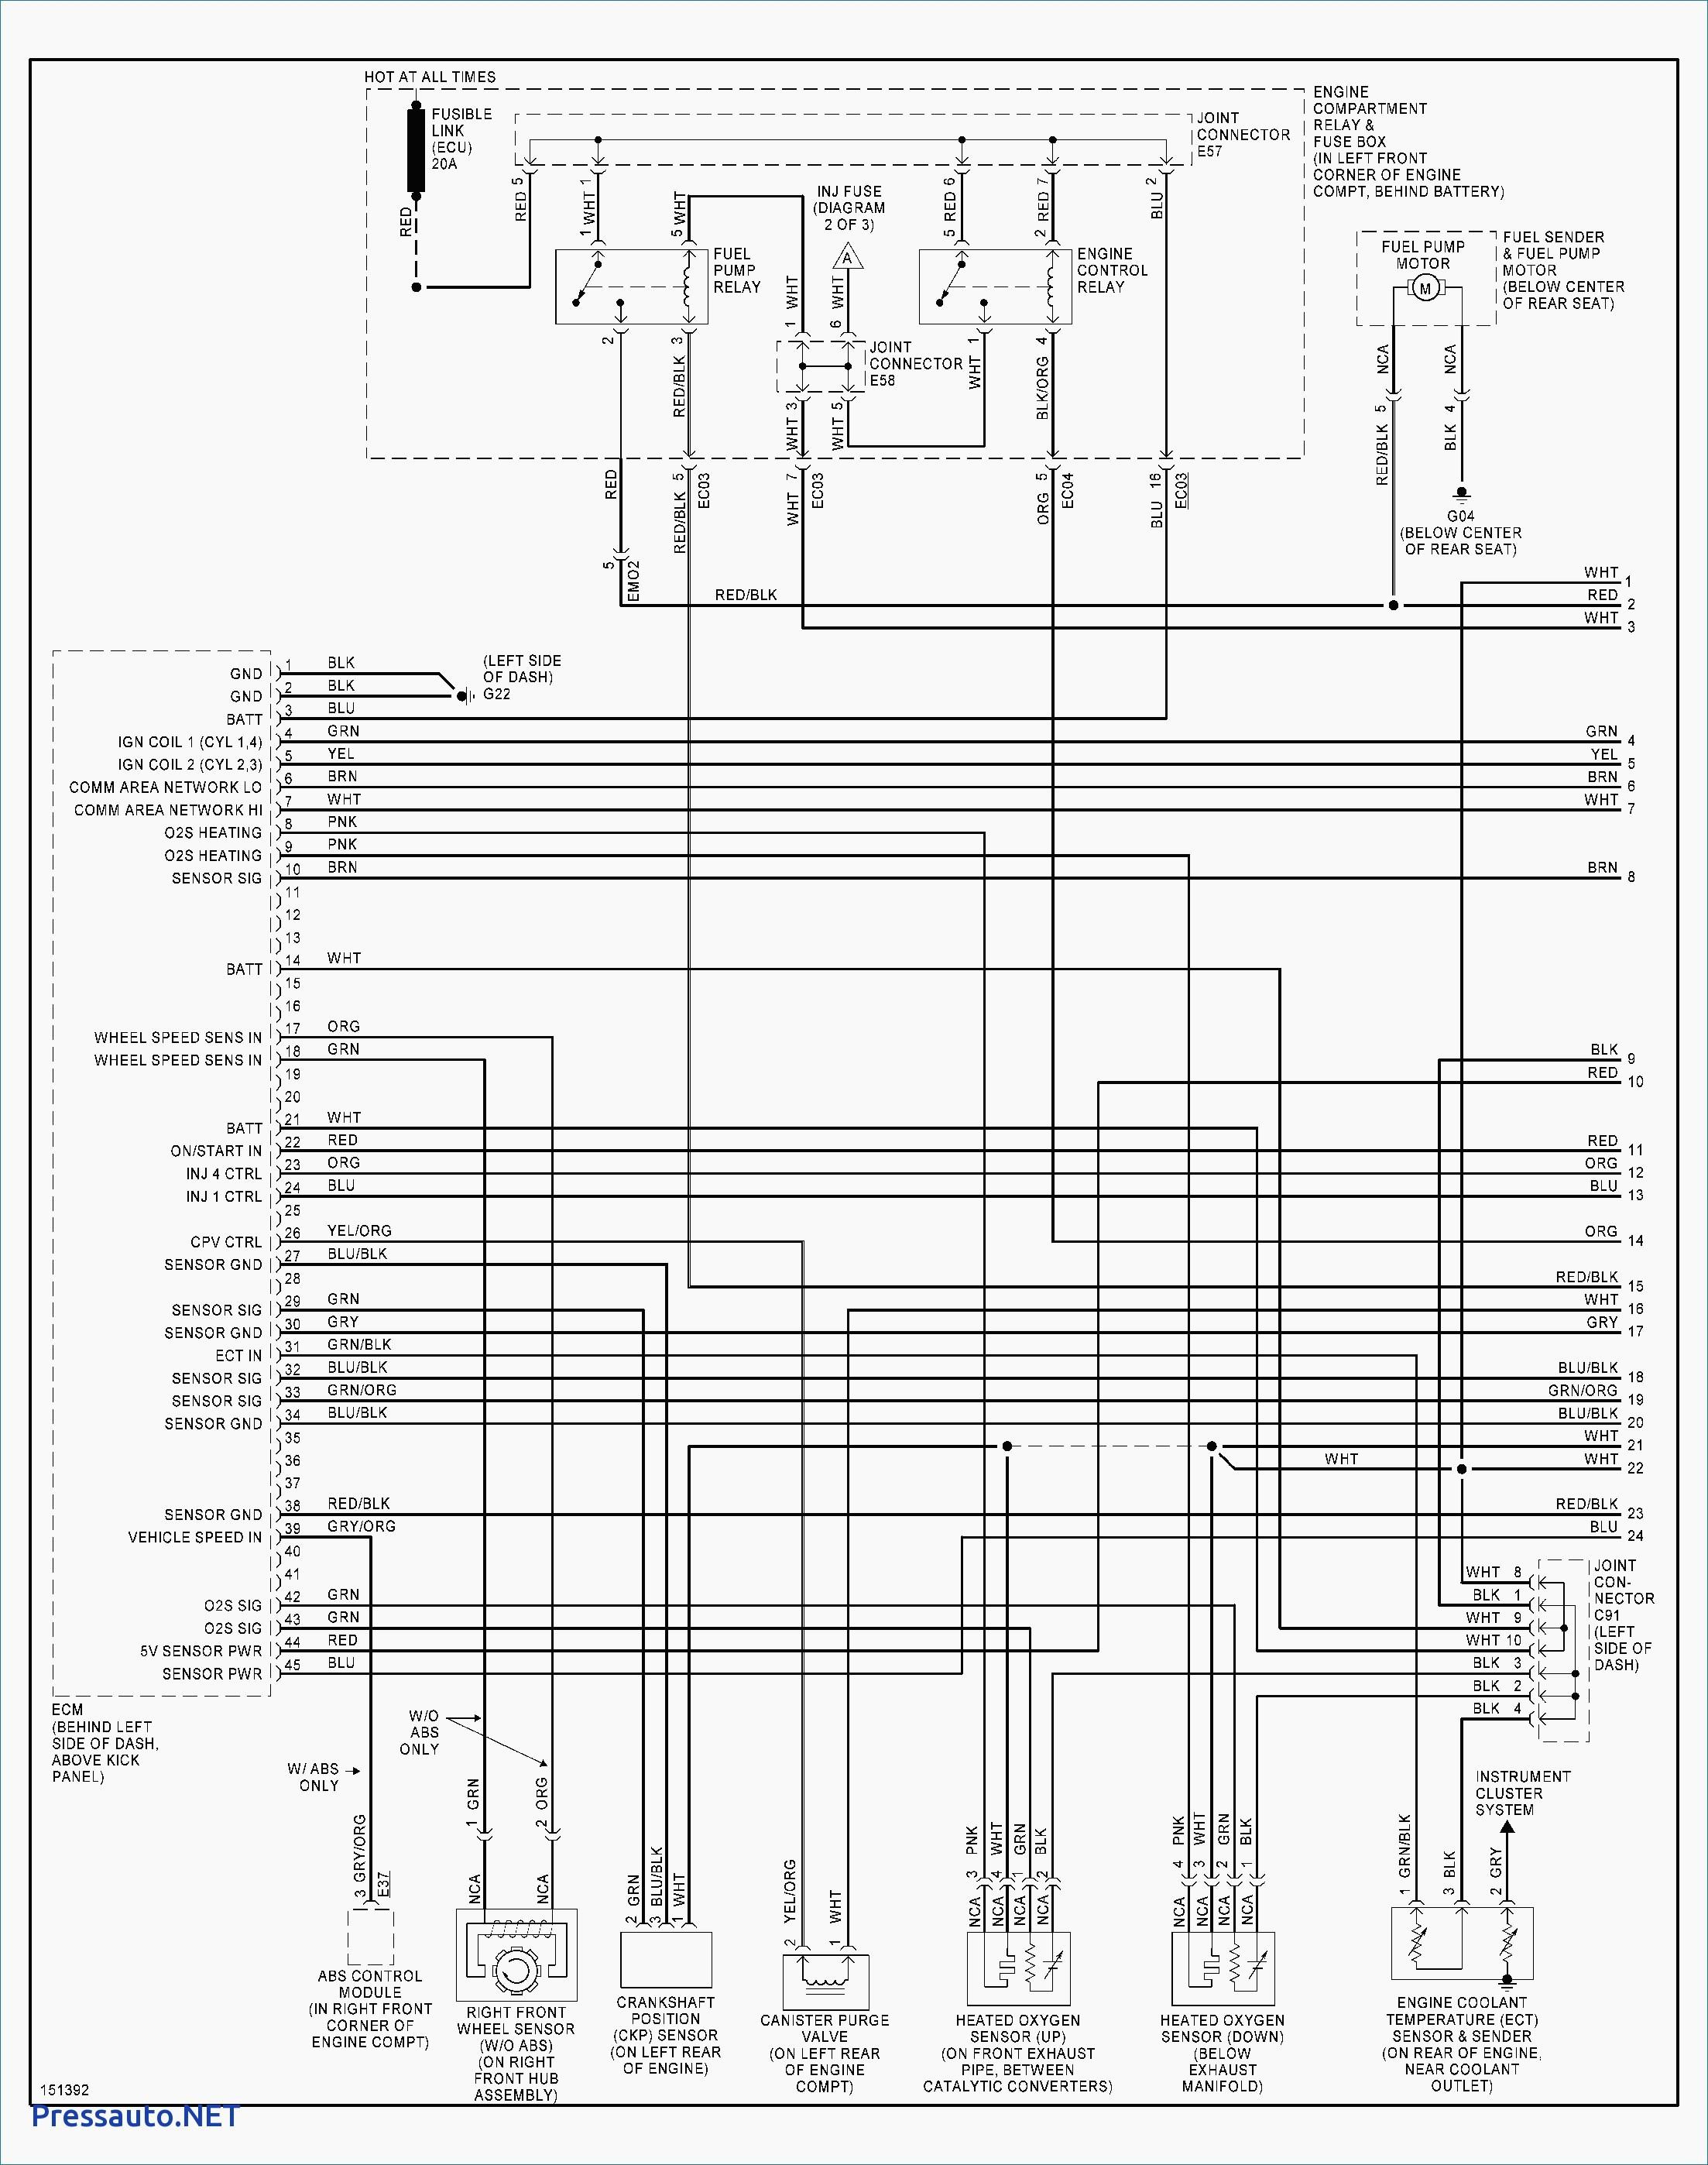 01 Hyundai Tiburon Wire Diagram - 8.2.artatec-automobile.de • on 01 hyundai tucson, 01 hyundai accent, 01 hyundai sonata, 01 hyundai elantra,